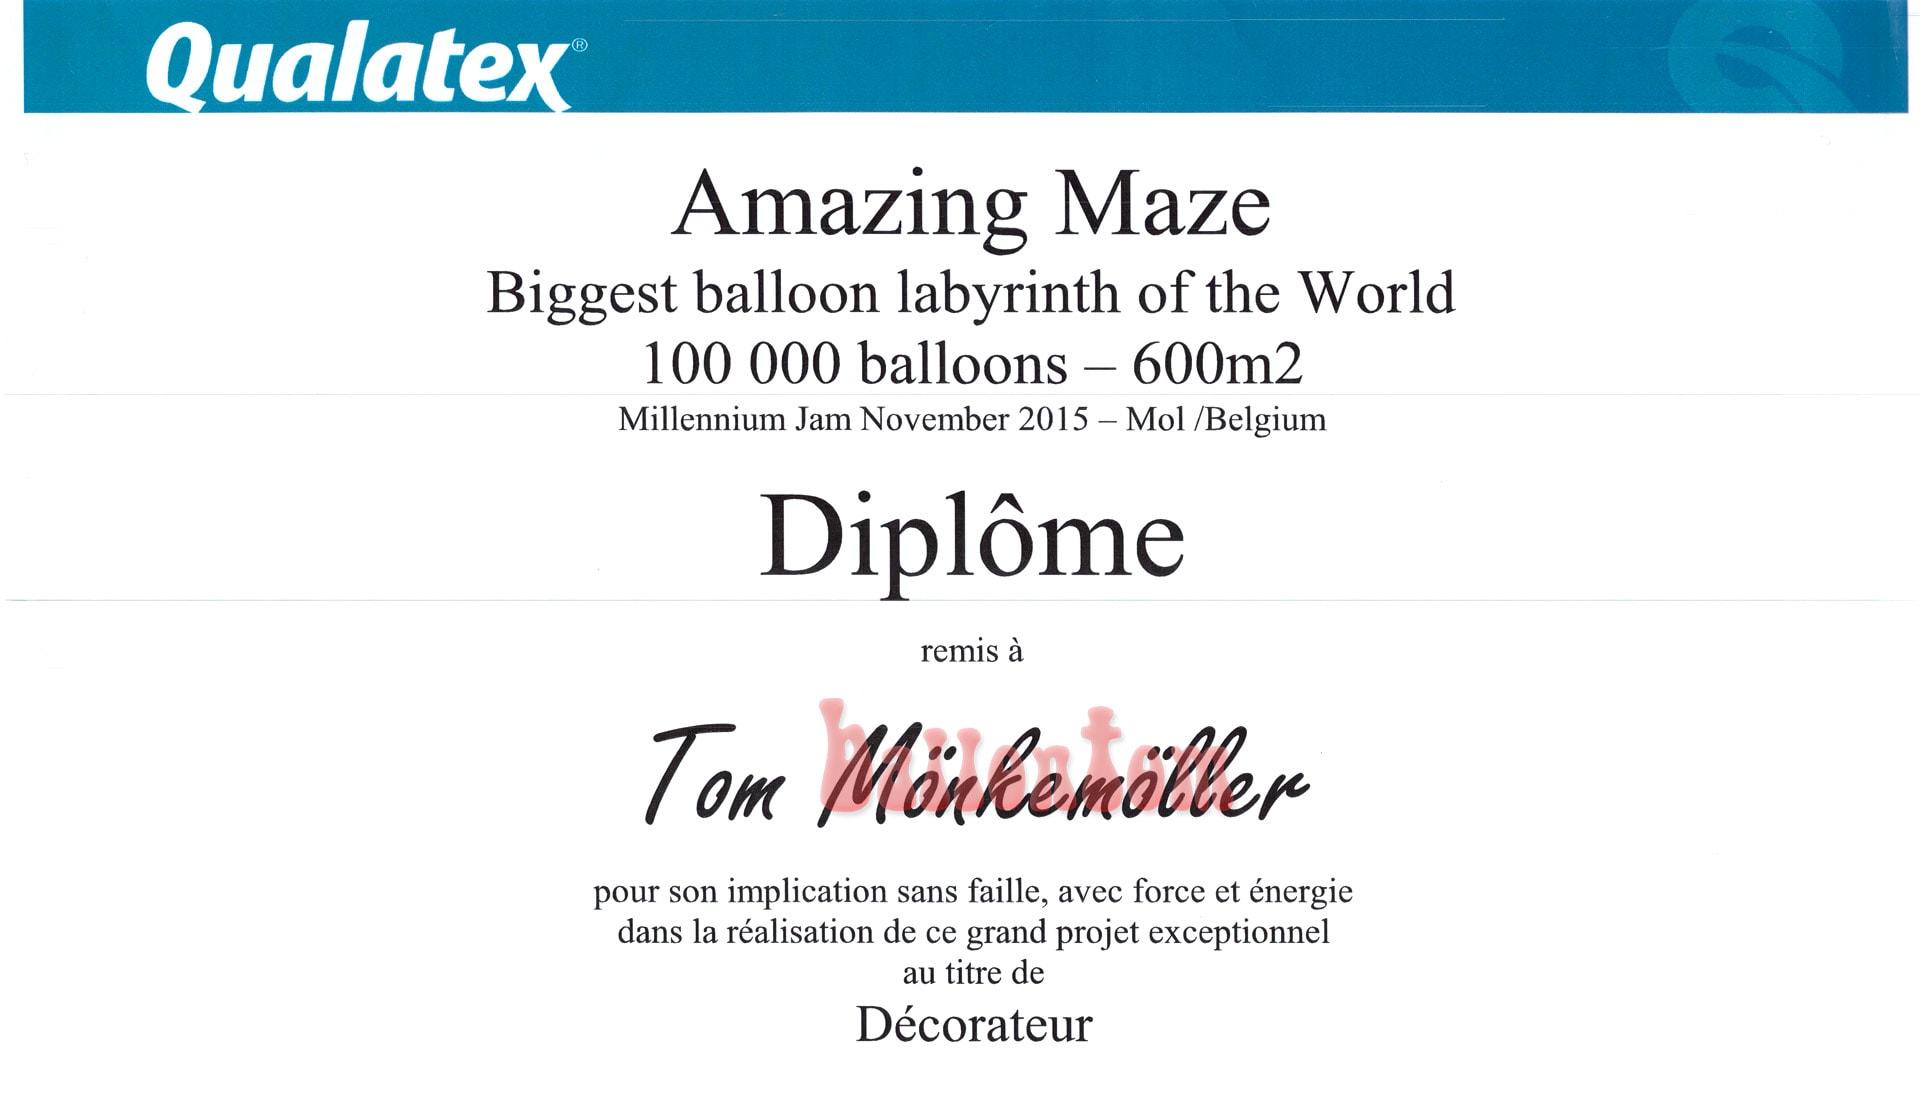 Weltrekord! Größtes Ballonlabyrinth mit über 100.000 Ballons mit ballontom - Auszeichnung für ballontom